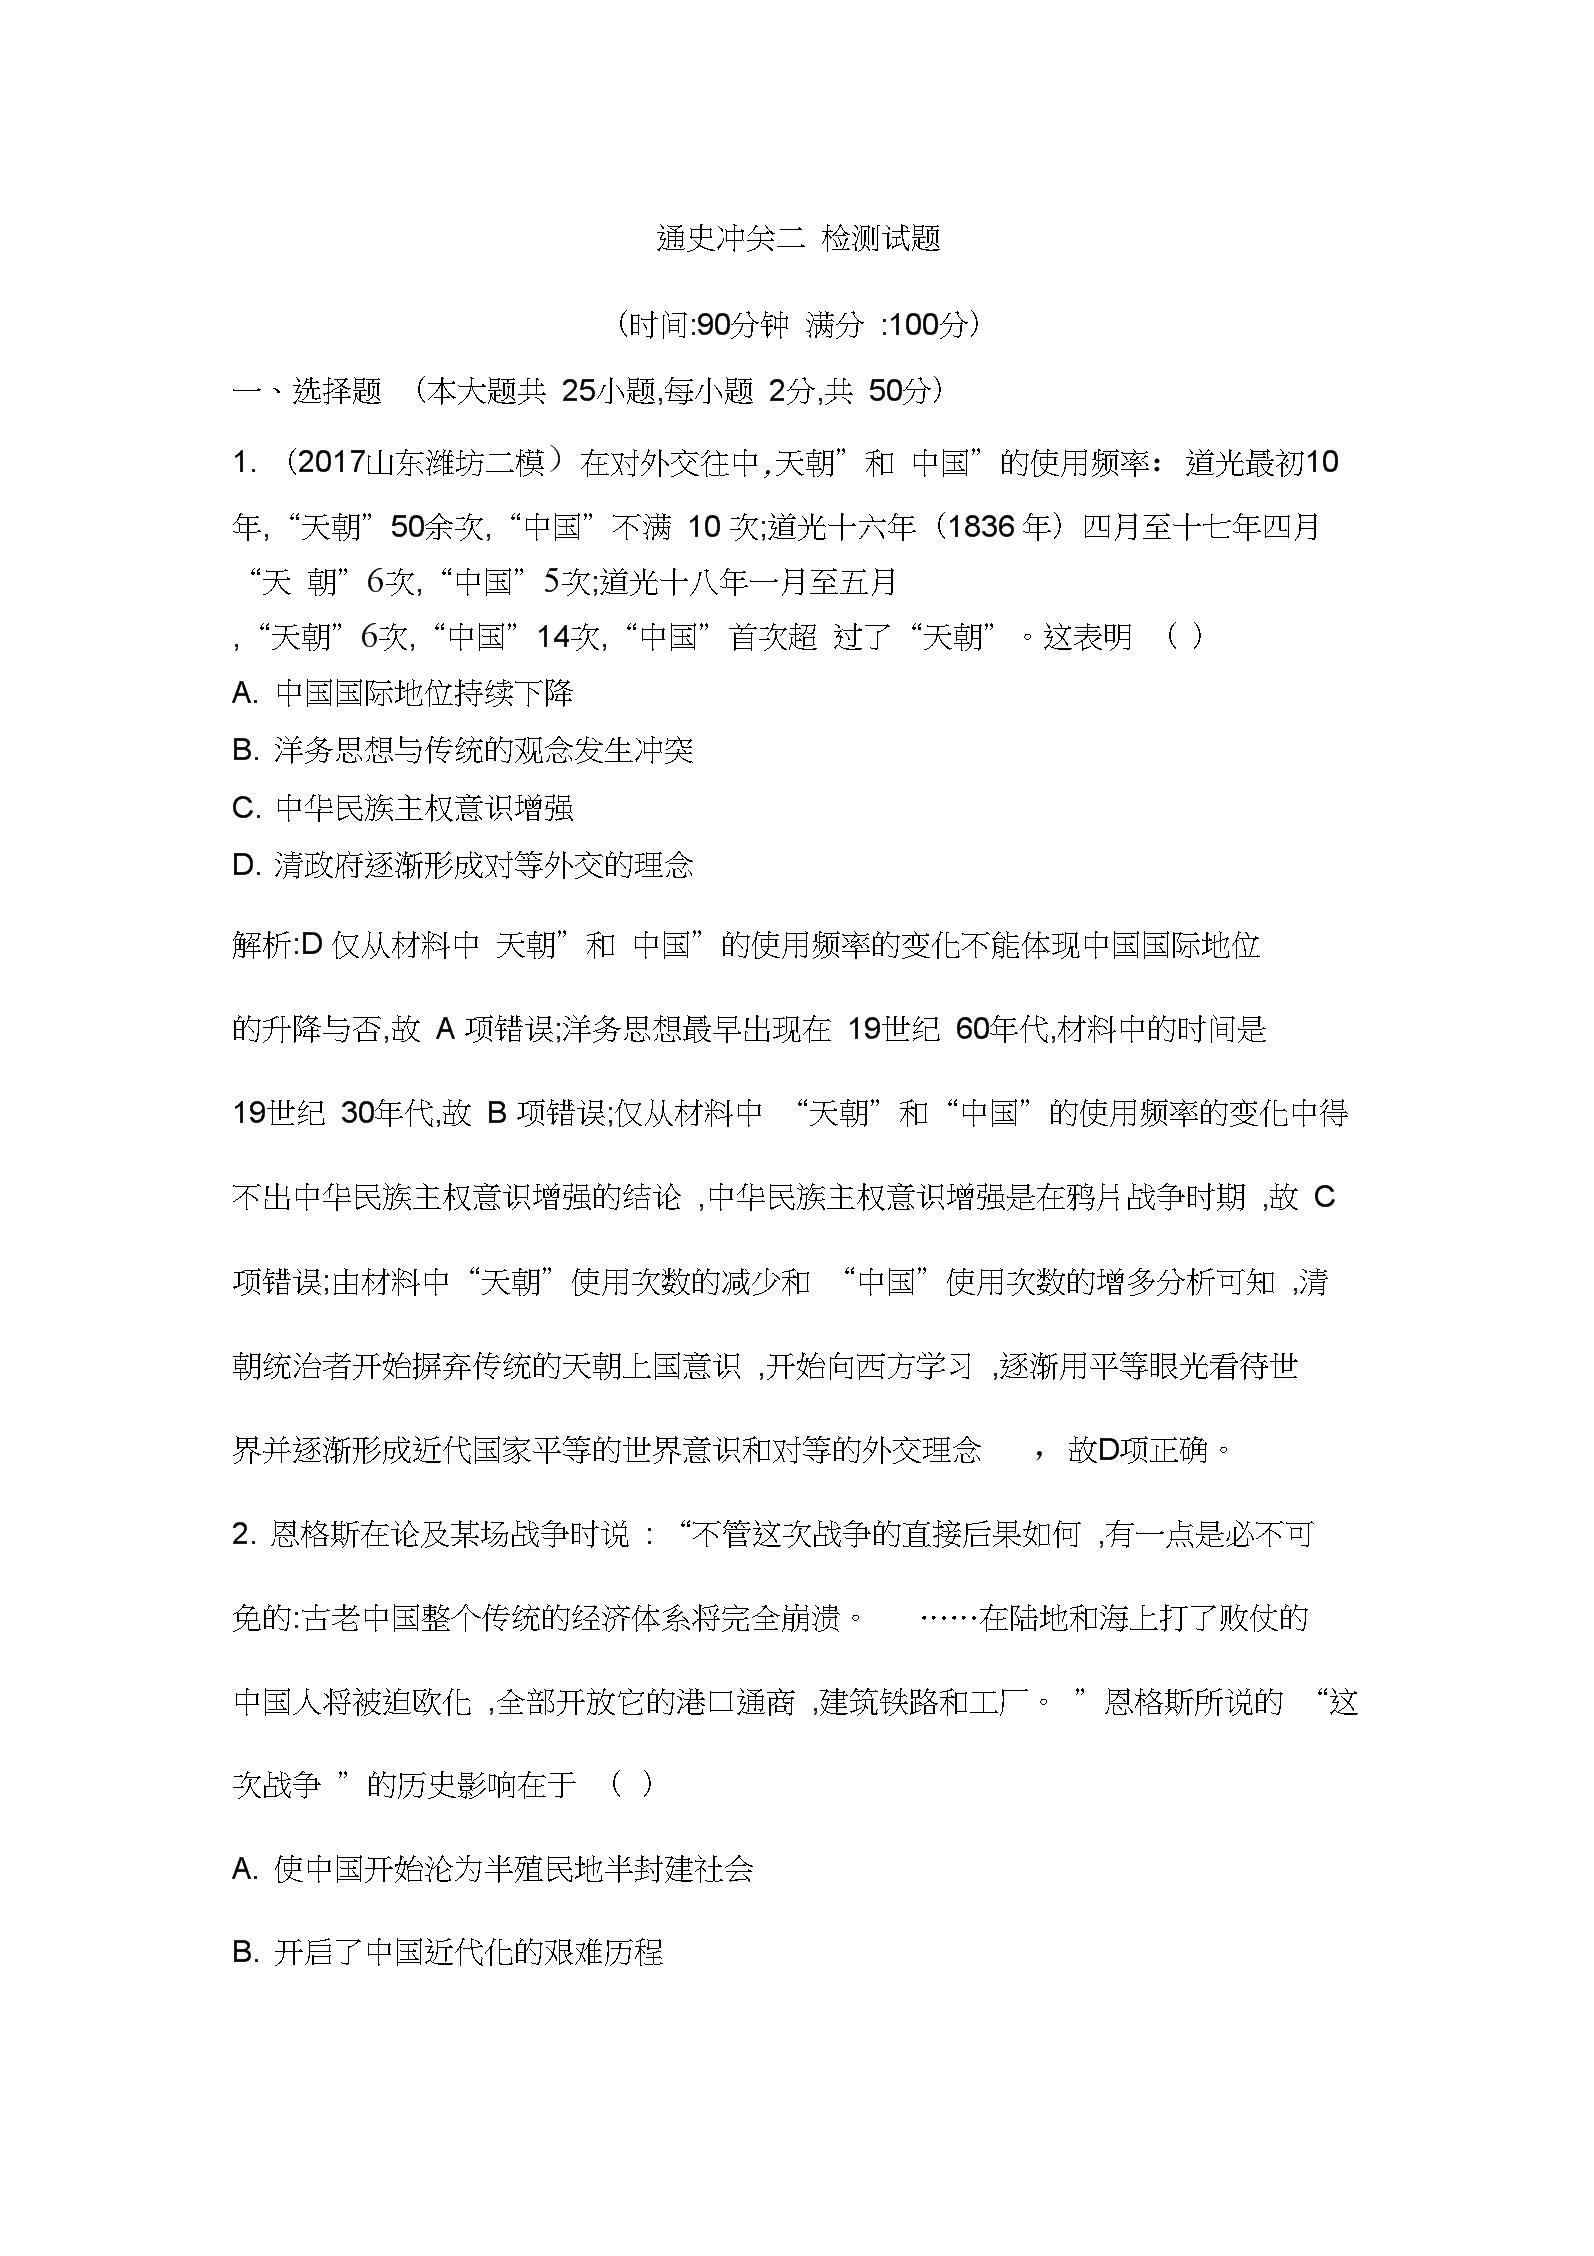 2019版高考历史一轮复习通史版:冲关二检测试题含解析.docx